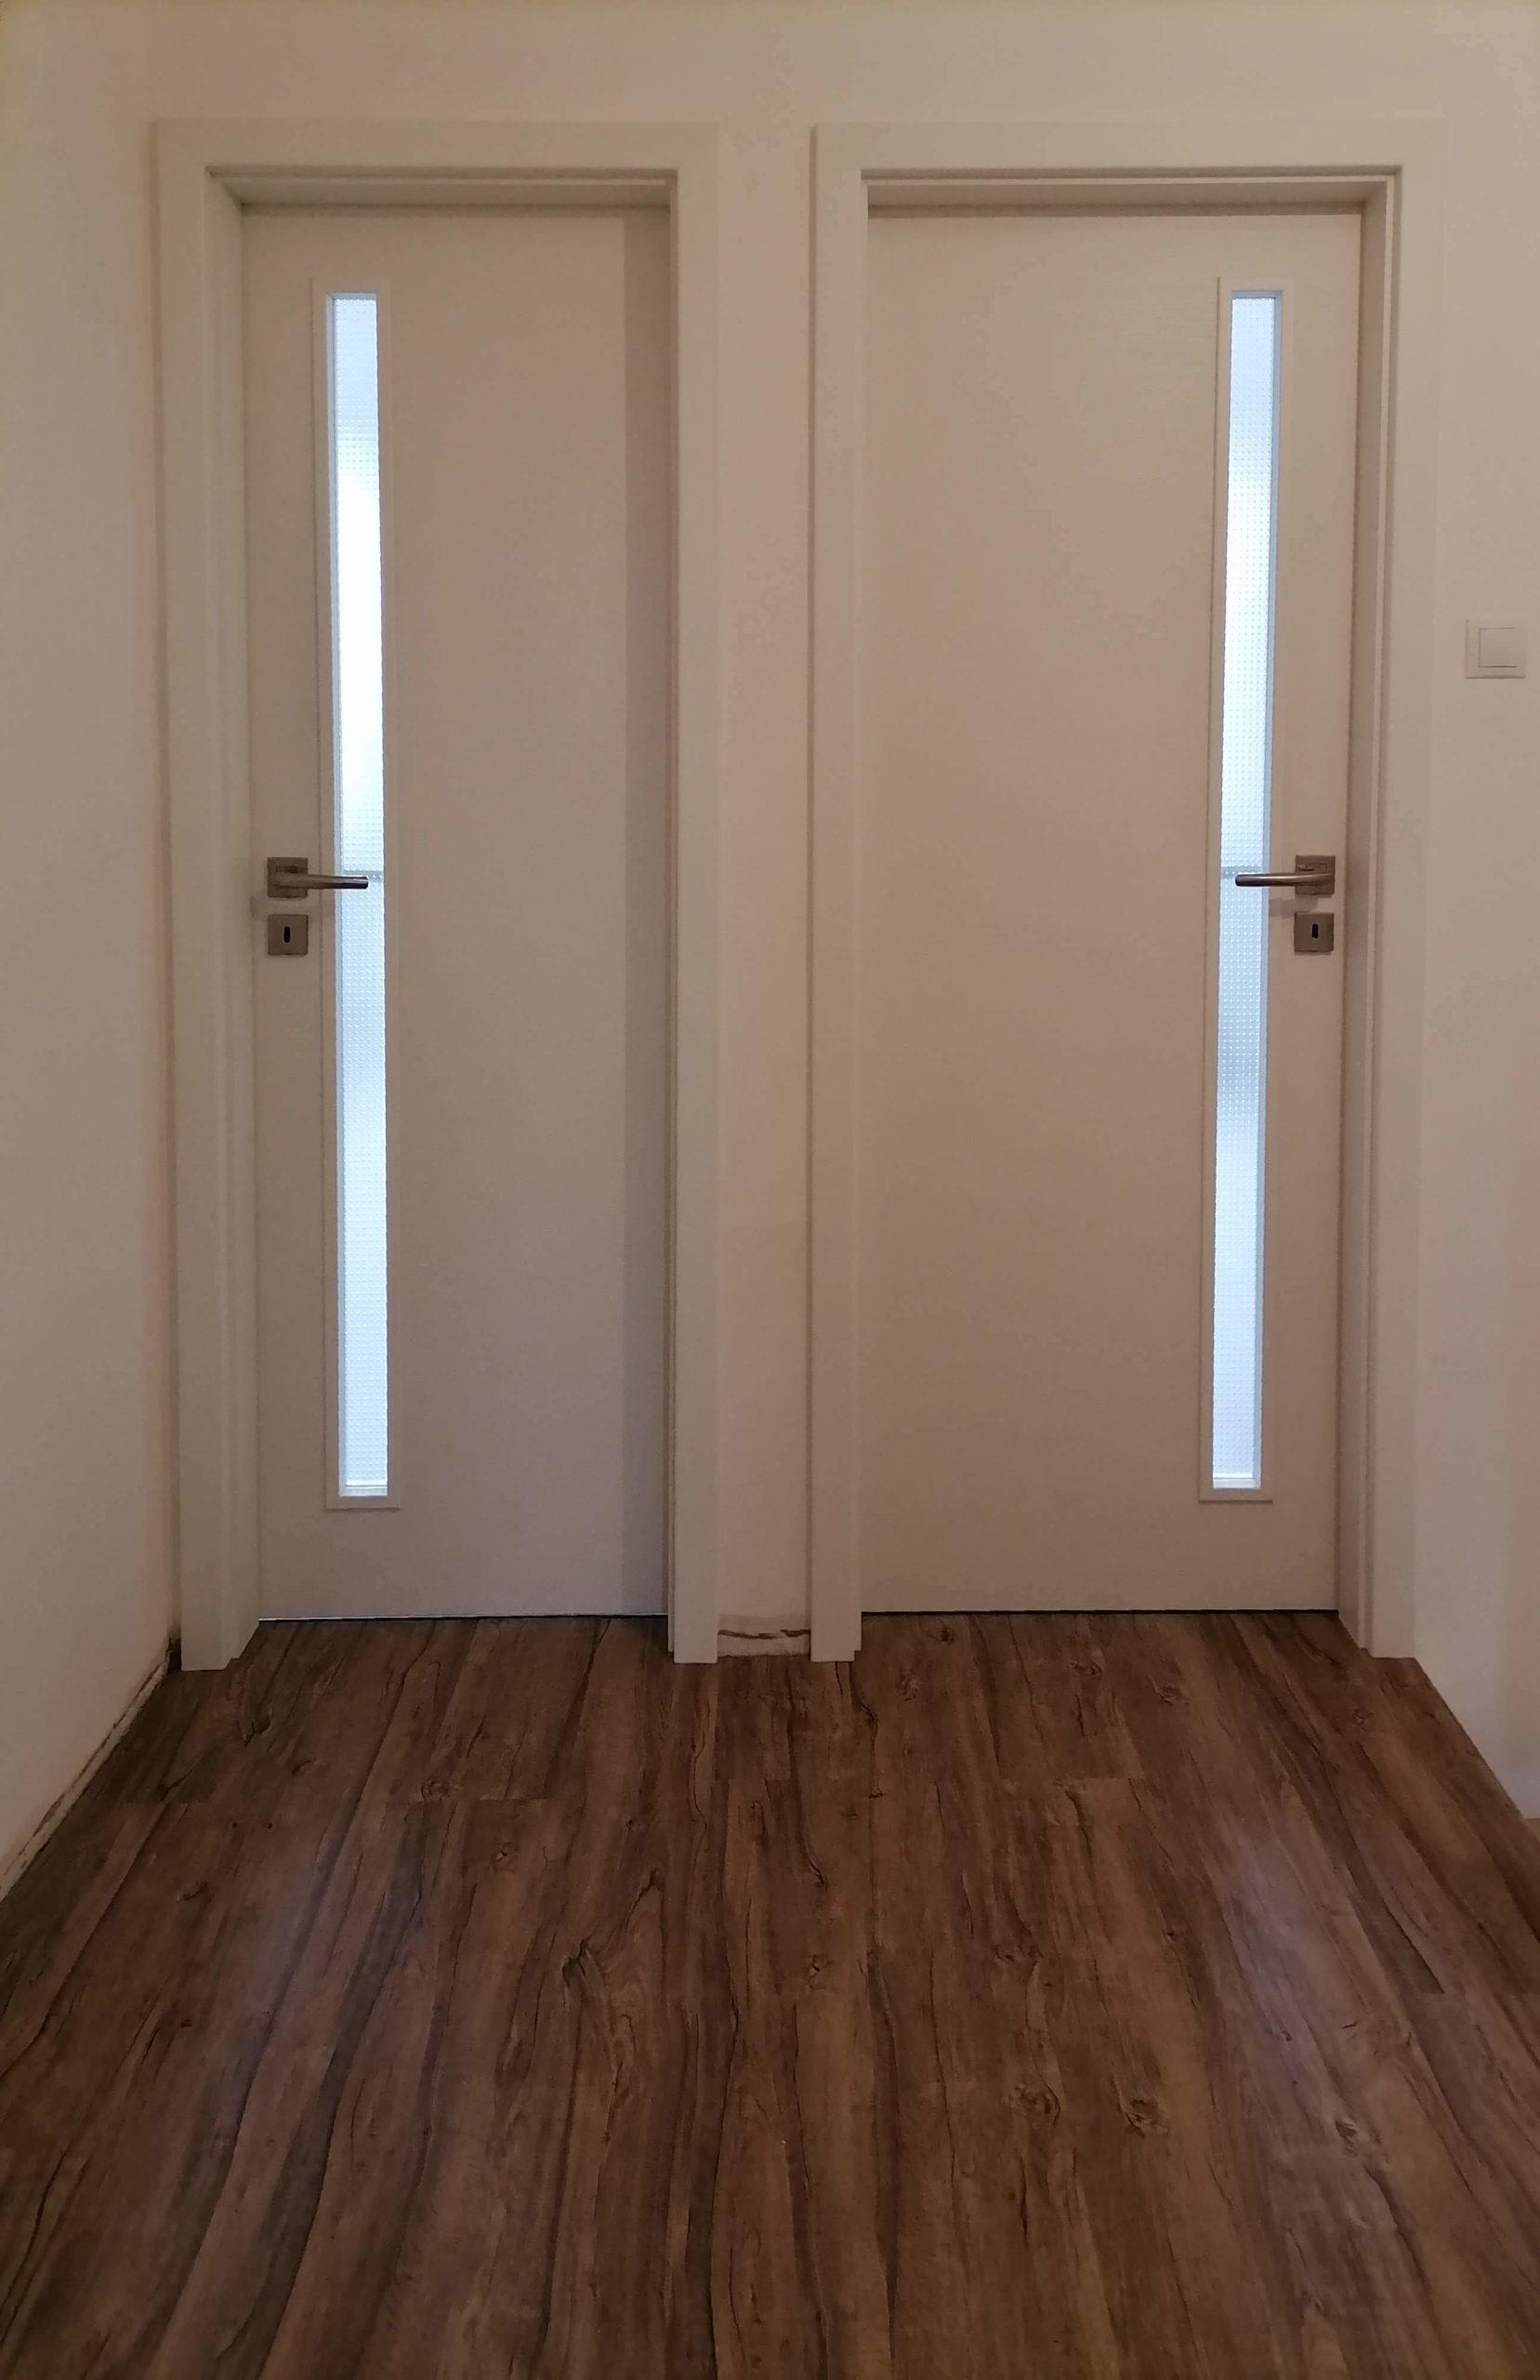 dveře kepák - reference - hnědé dveře 5